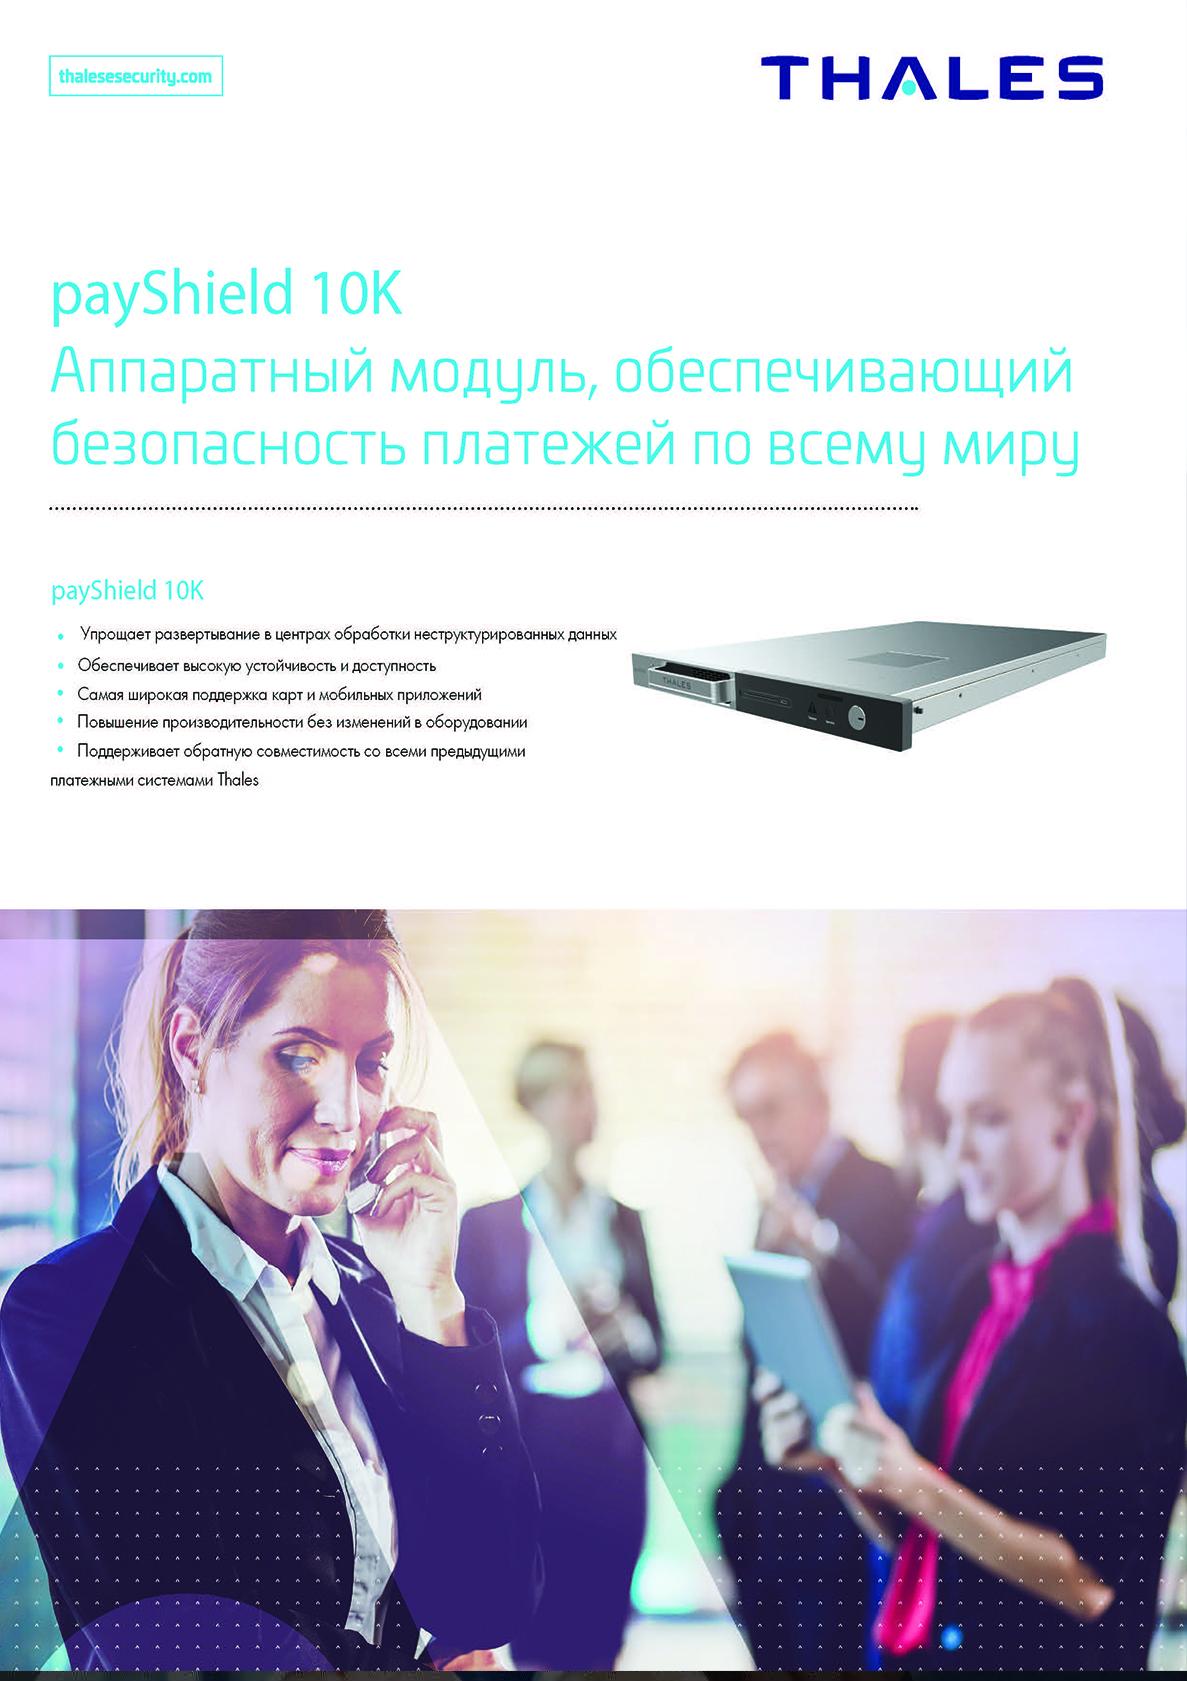 payShield 10K Аппаратный модуль, обеспечивающий безопасность платежей по всему миру